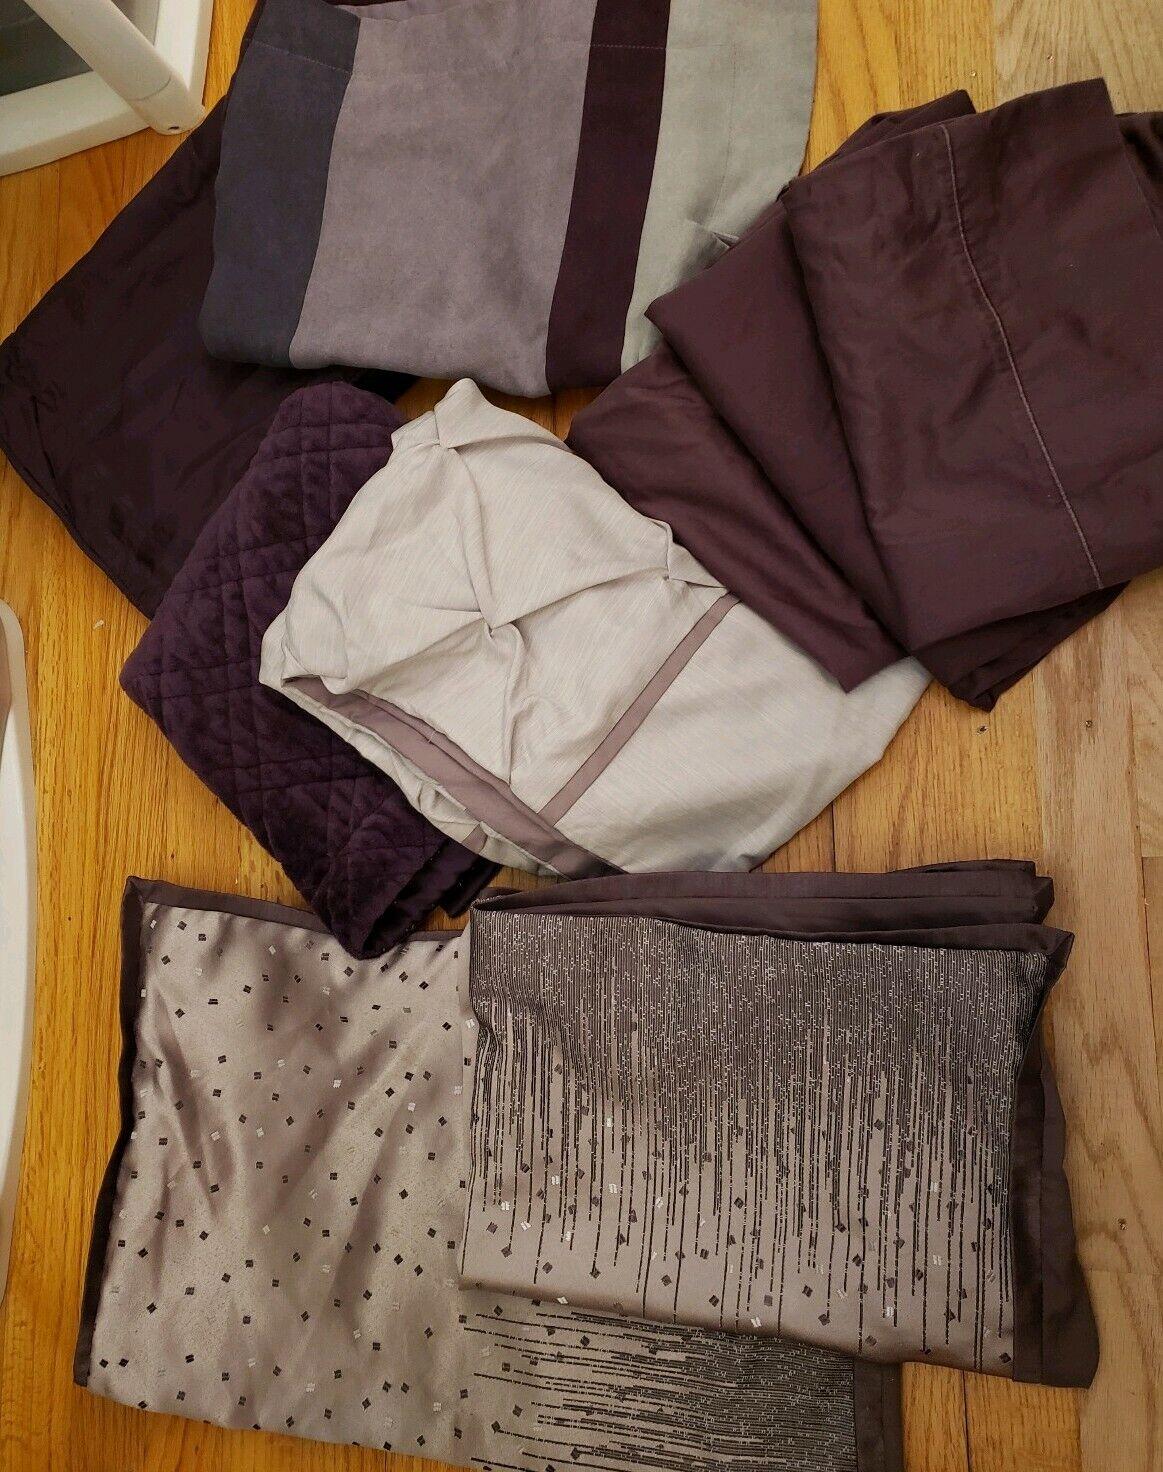 9 JLO JENNIFER LOPEZ Pillowcases King Größed,600 TC Egyptian Cotton Plum lila